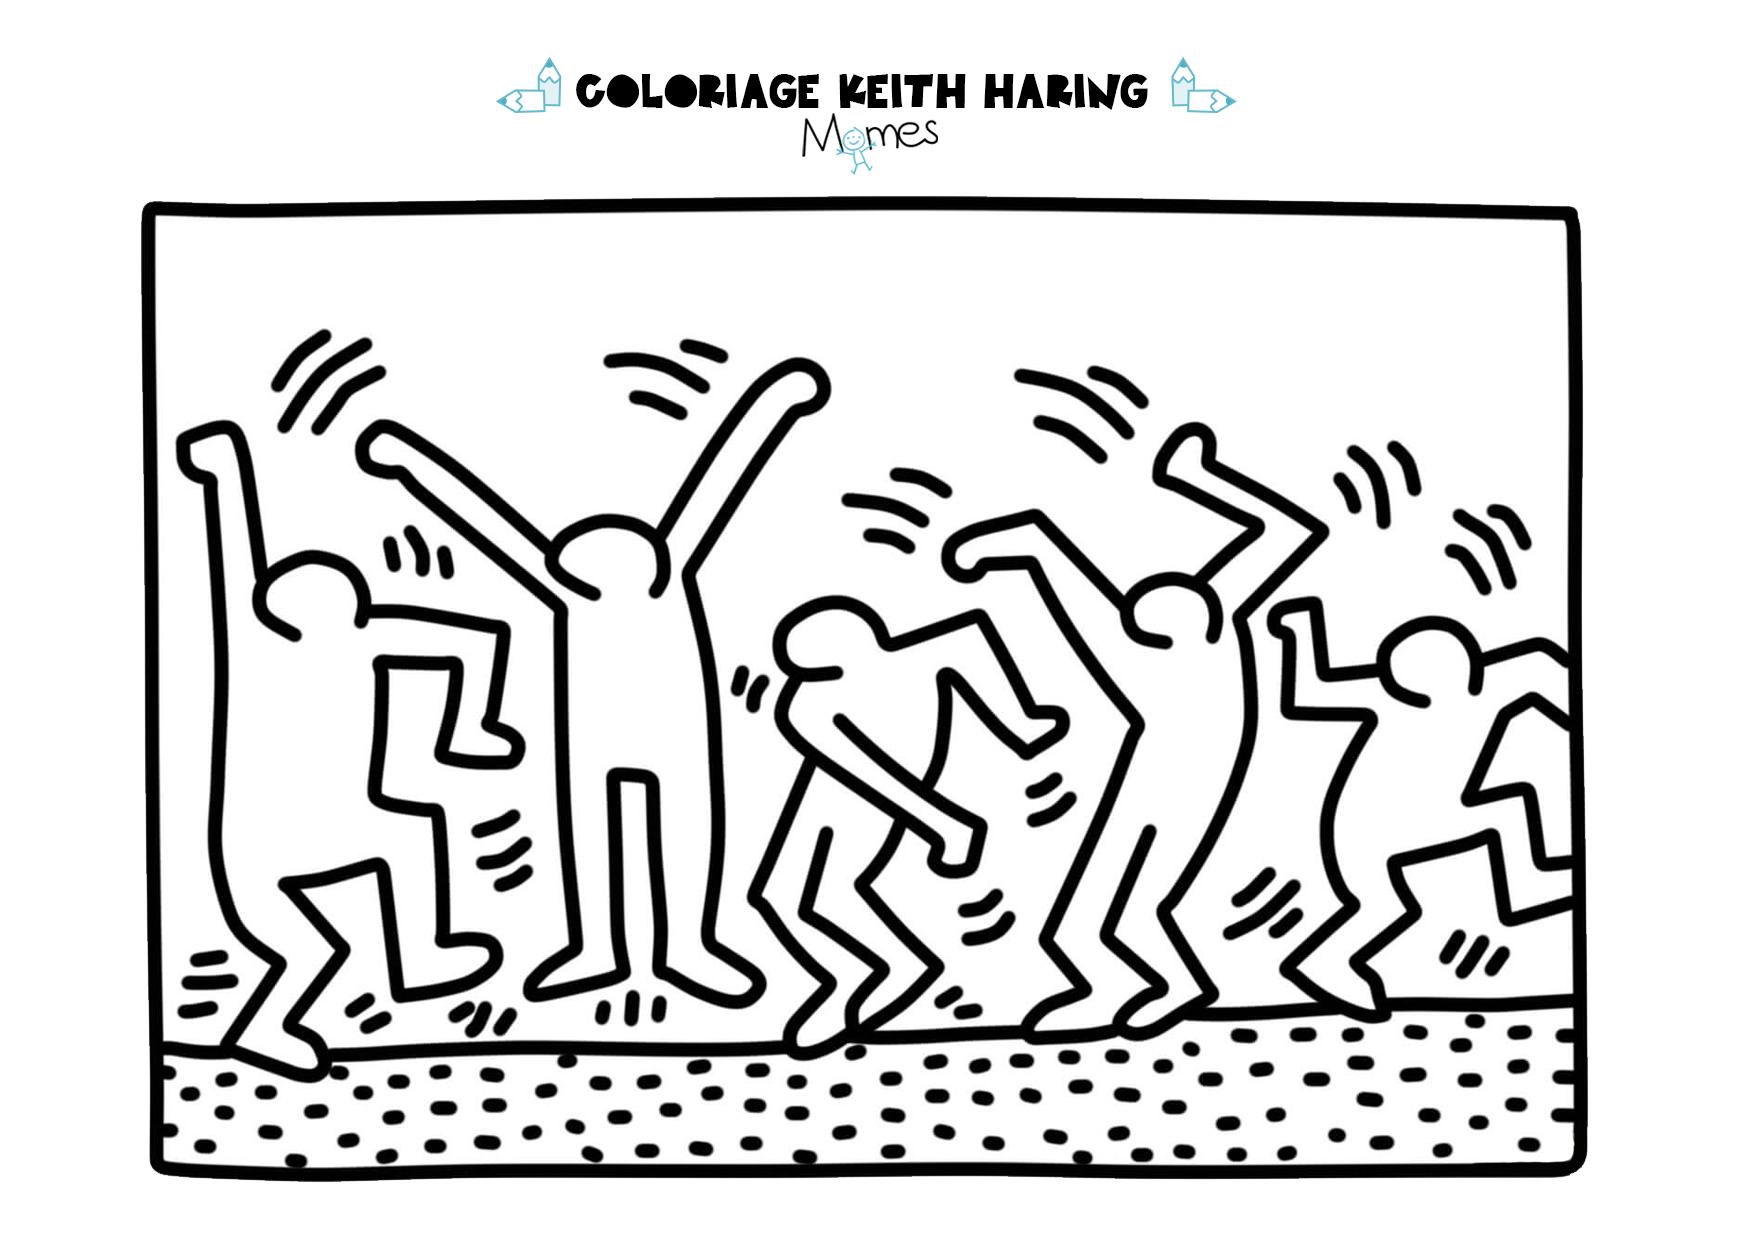 Coloriage keith haring les danceurs - Coloriage de om ...